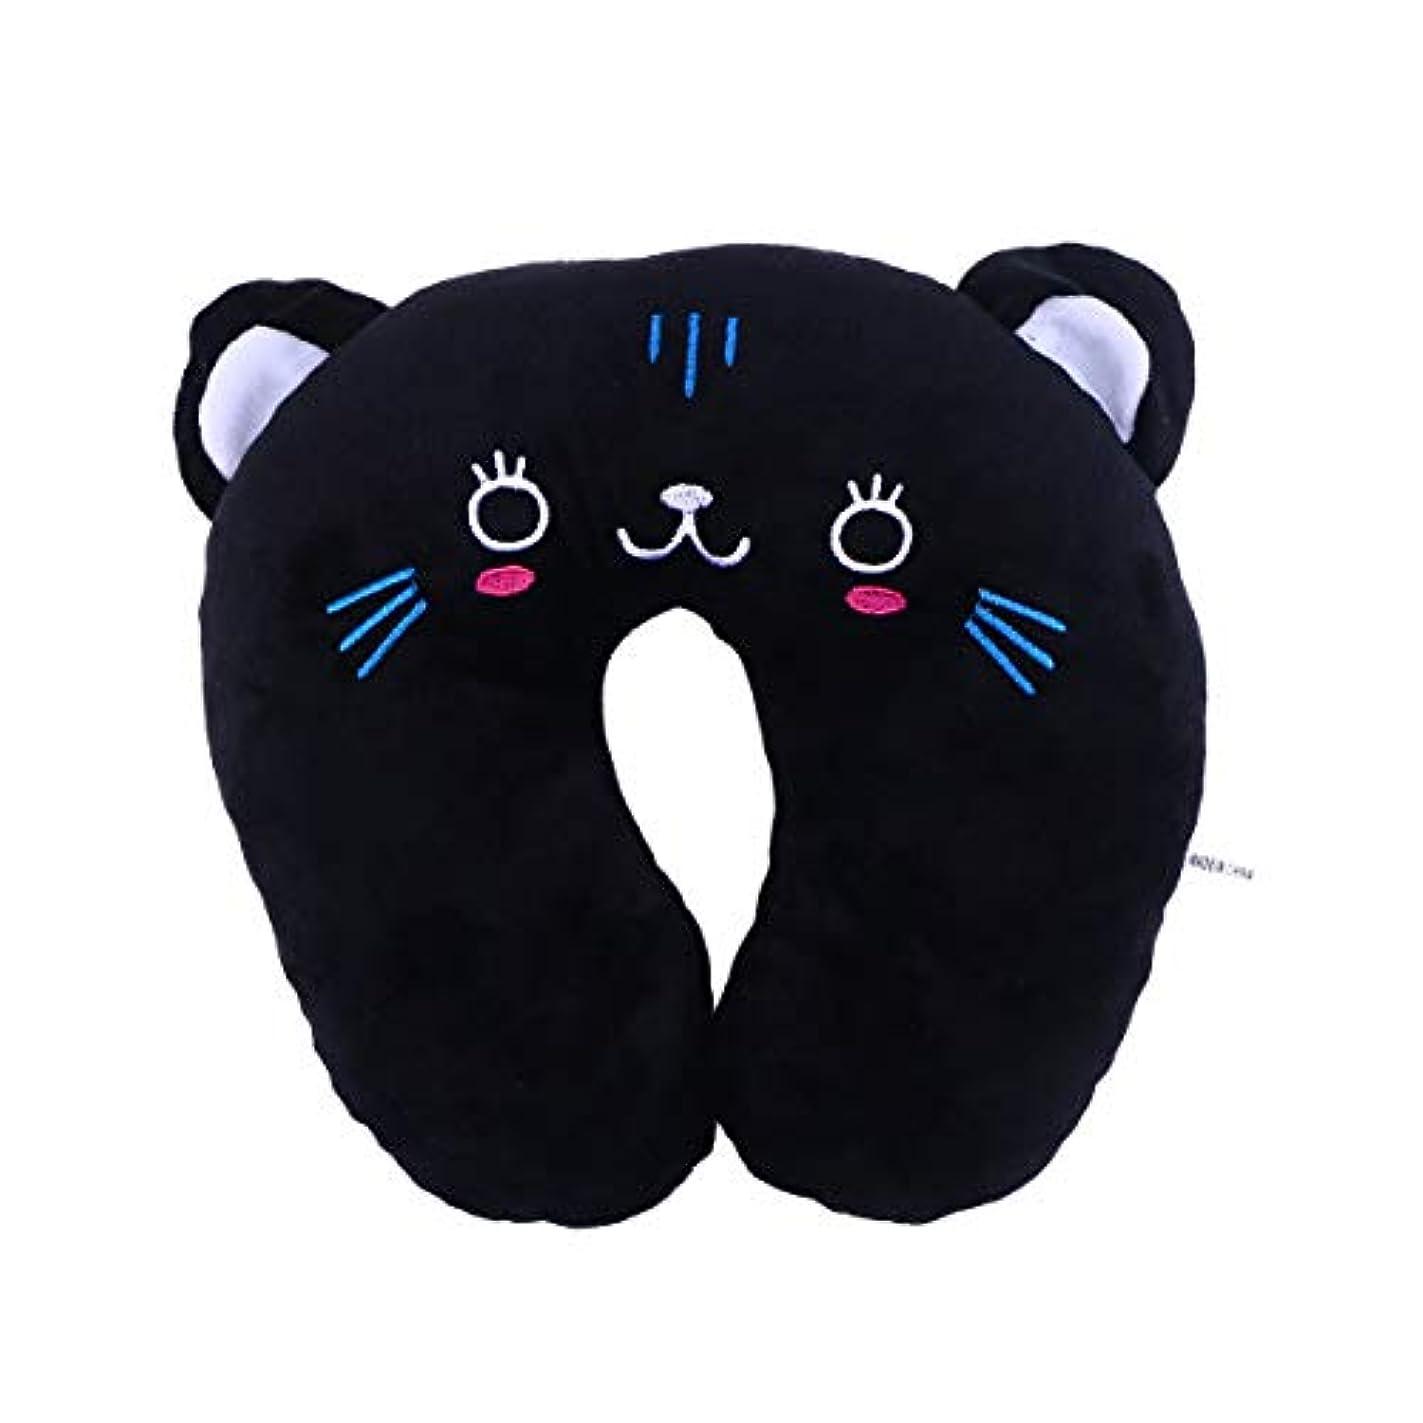 花修羅場春HEALIFTY 首牽引枕漫画ぬいぐるみU字型枕首サポートクッション旅行枕飛行機のための車(黒猫)